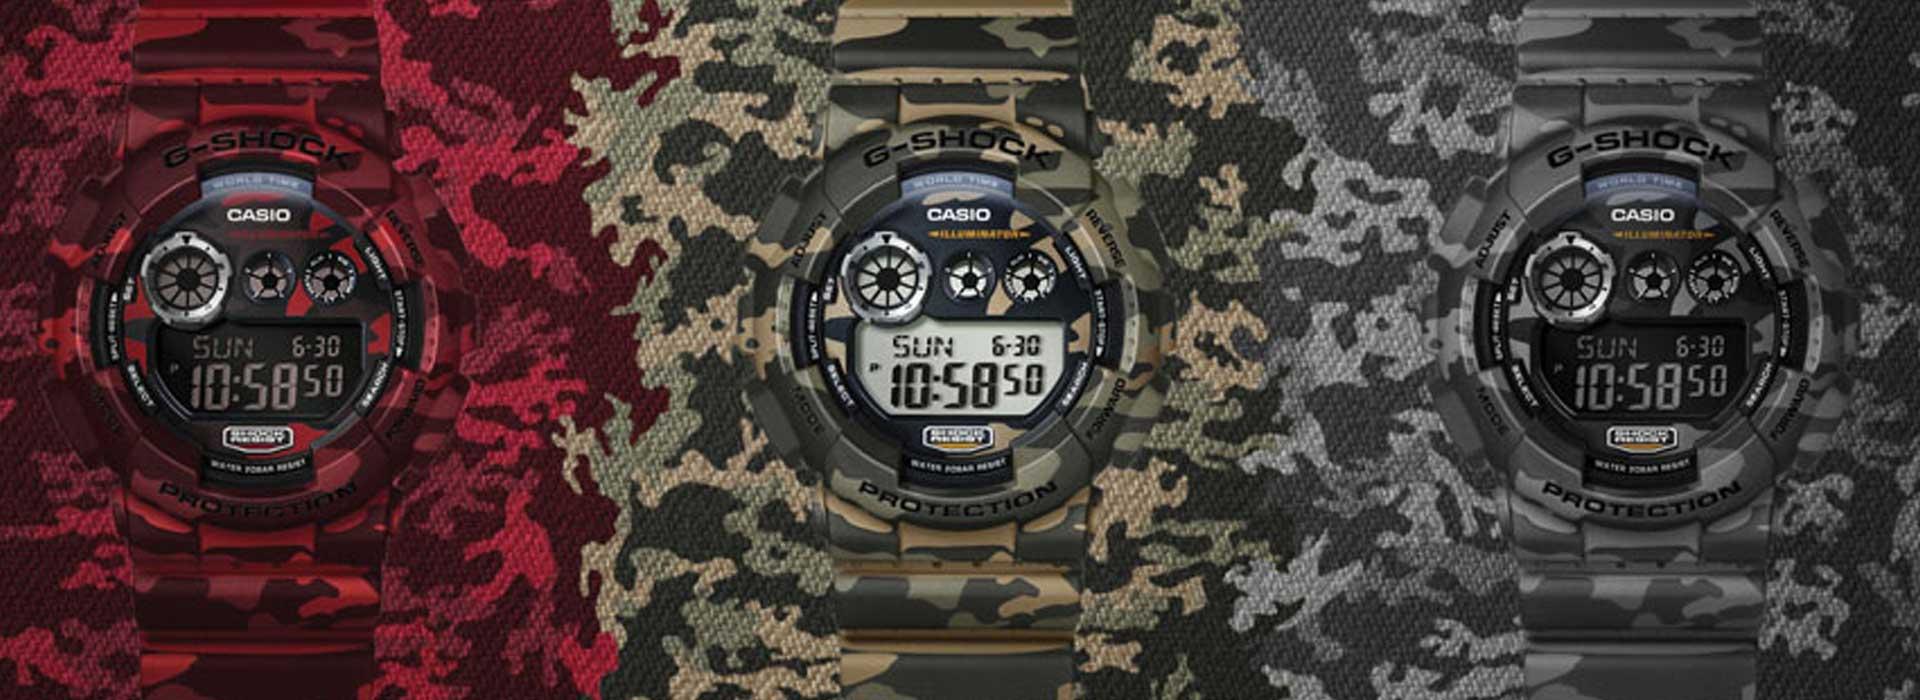 שעוני ג'י שוק לחיילים